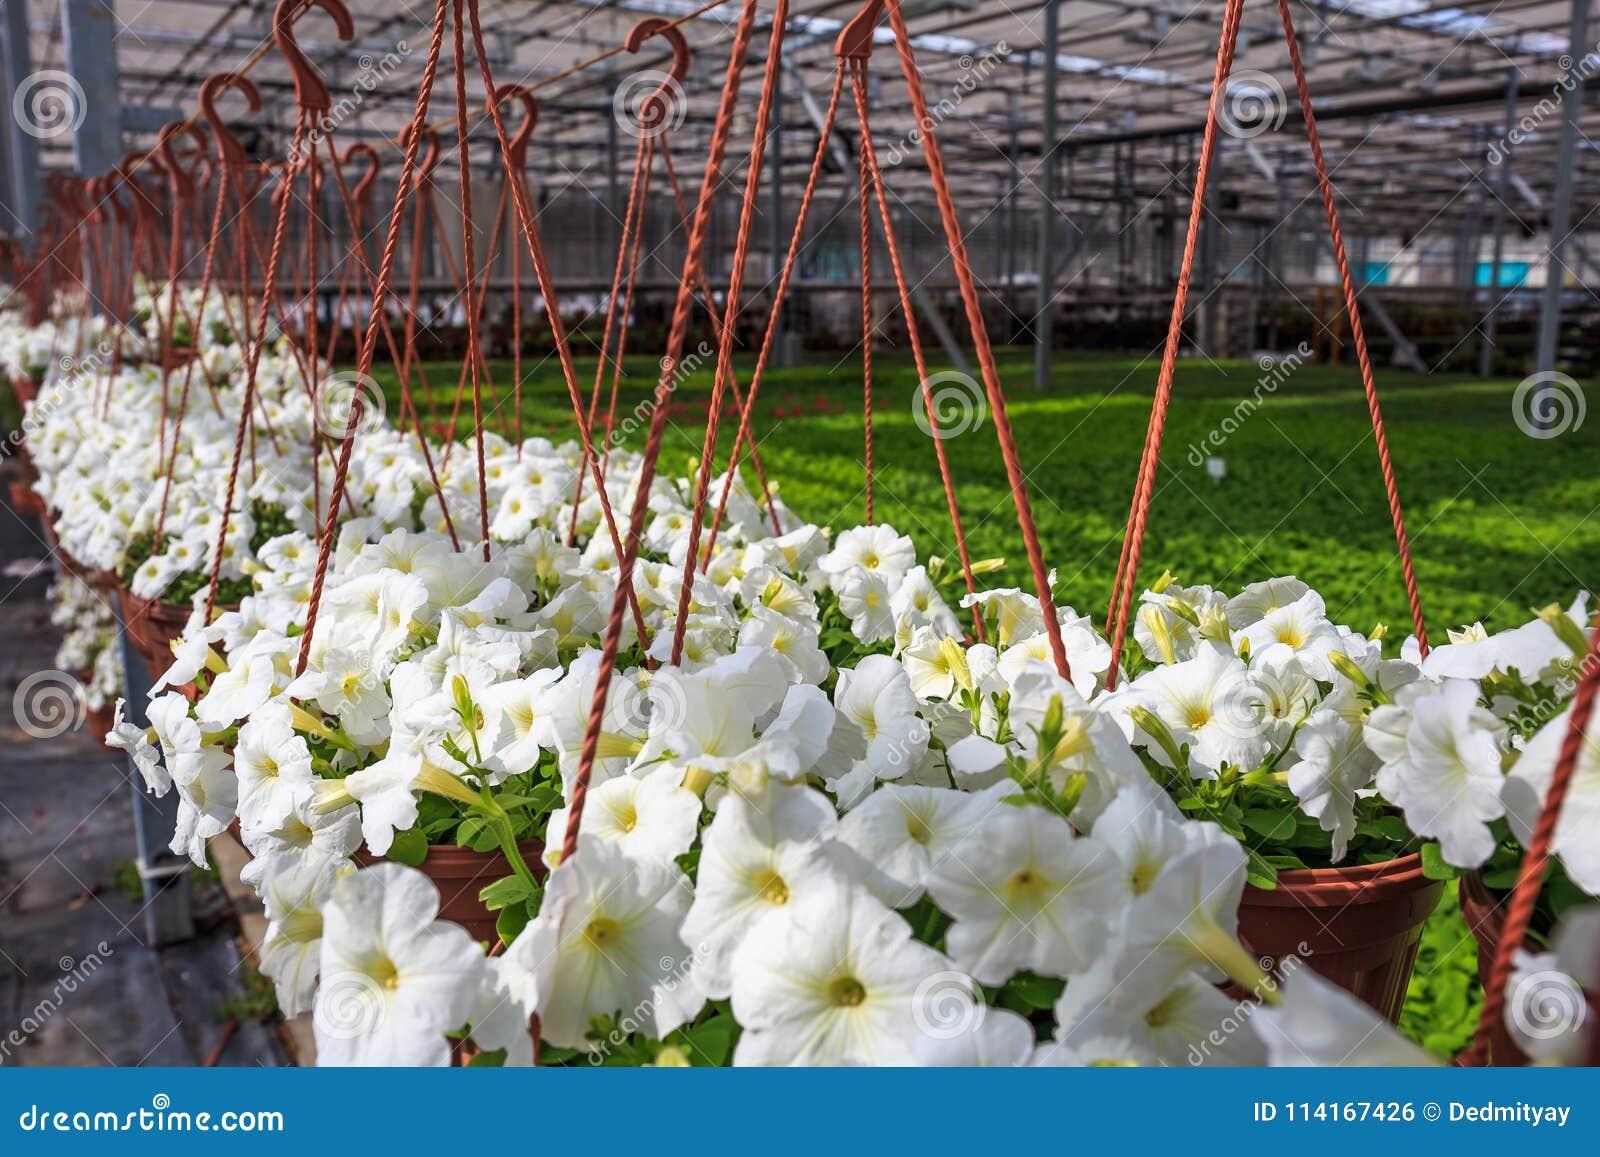 Органическая hydroponic ферма питомника культивирования орнаментальных заводов Большой современный парник